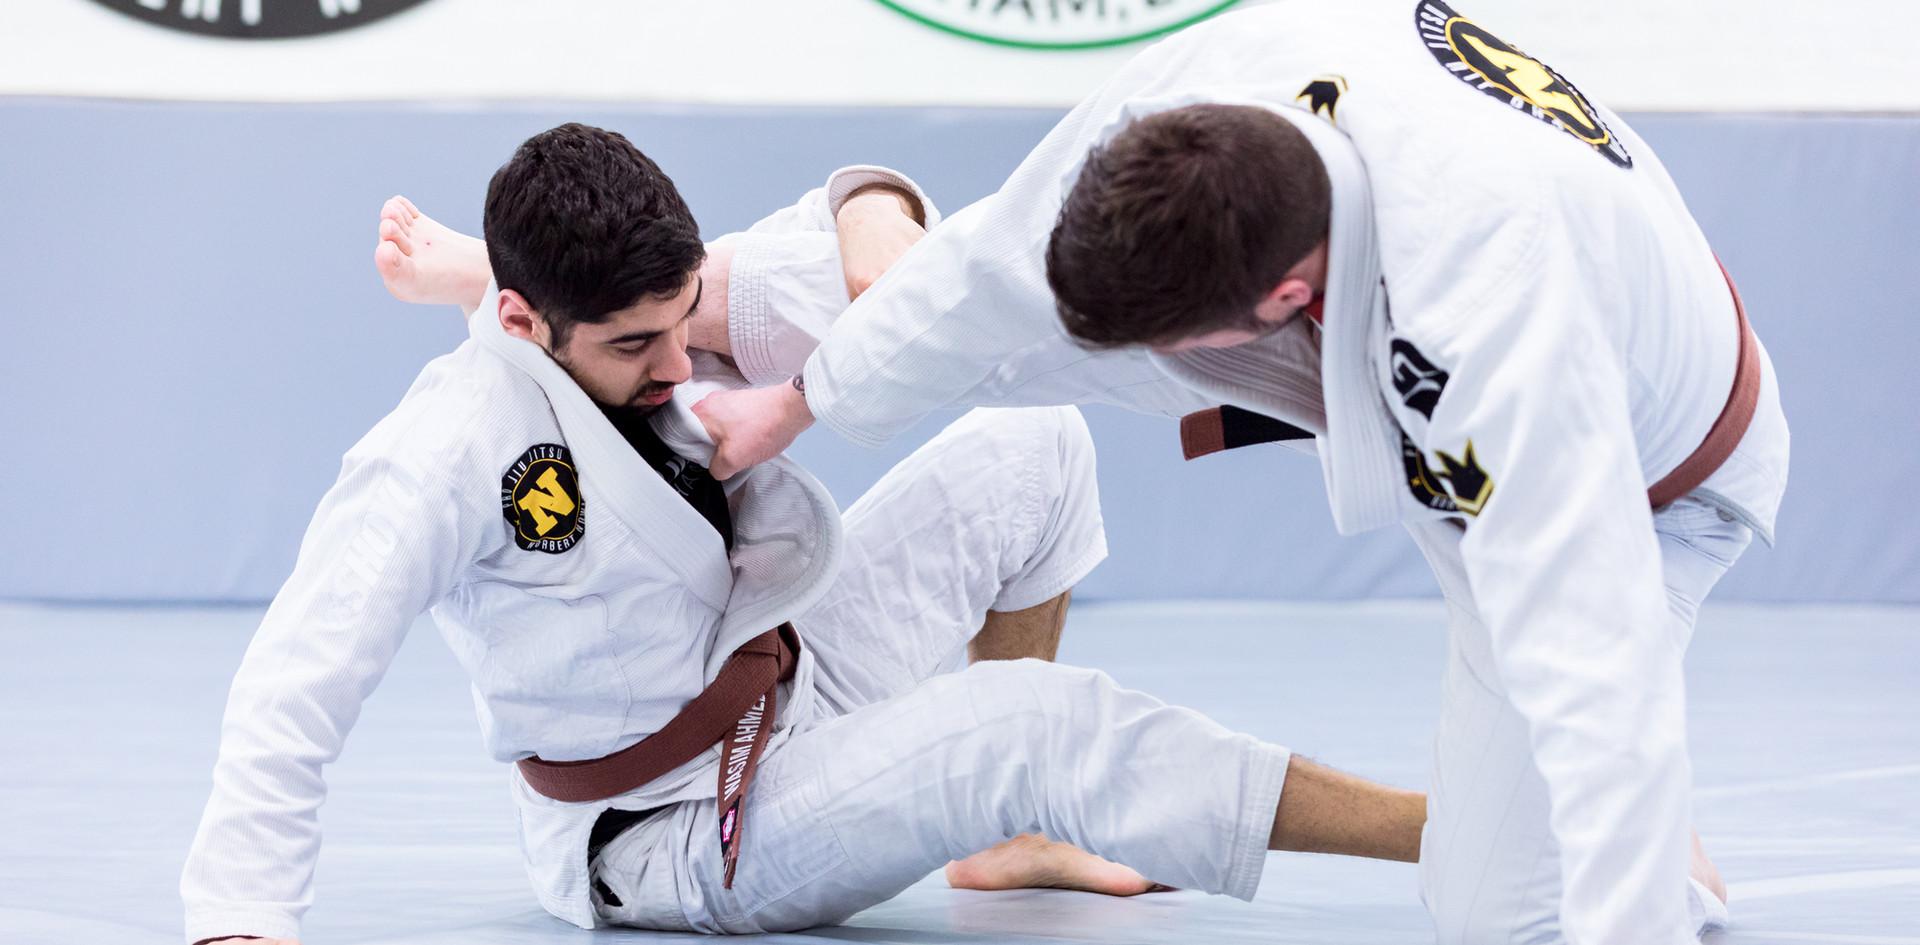 X guard sweep Brazilian Jiu Jitsu